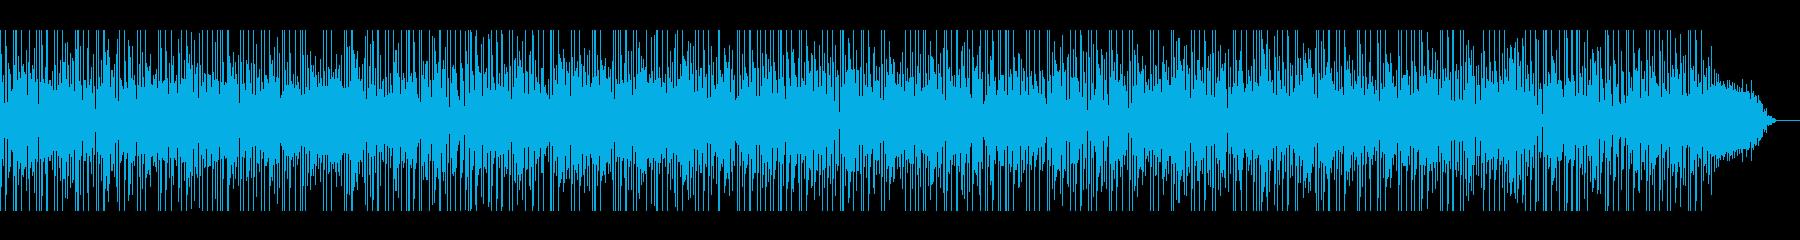 生演奏バンドファンキージャズBGMや映像の再生済みの波形